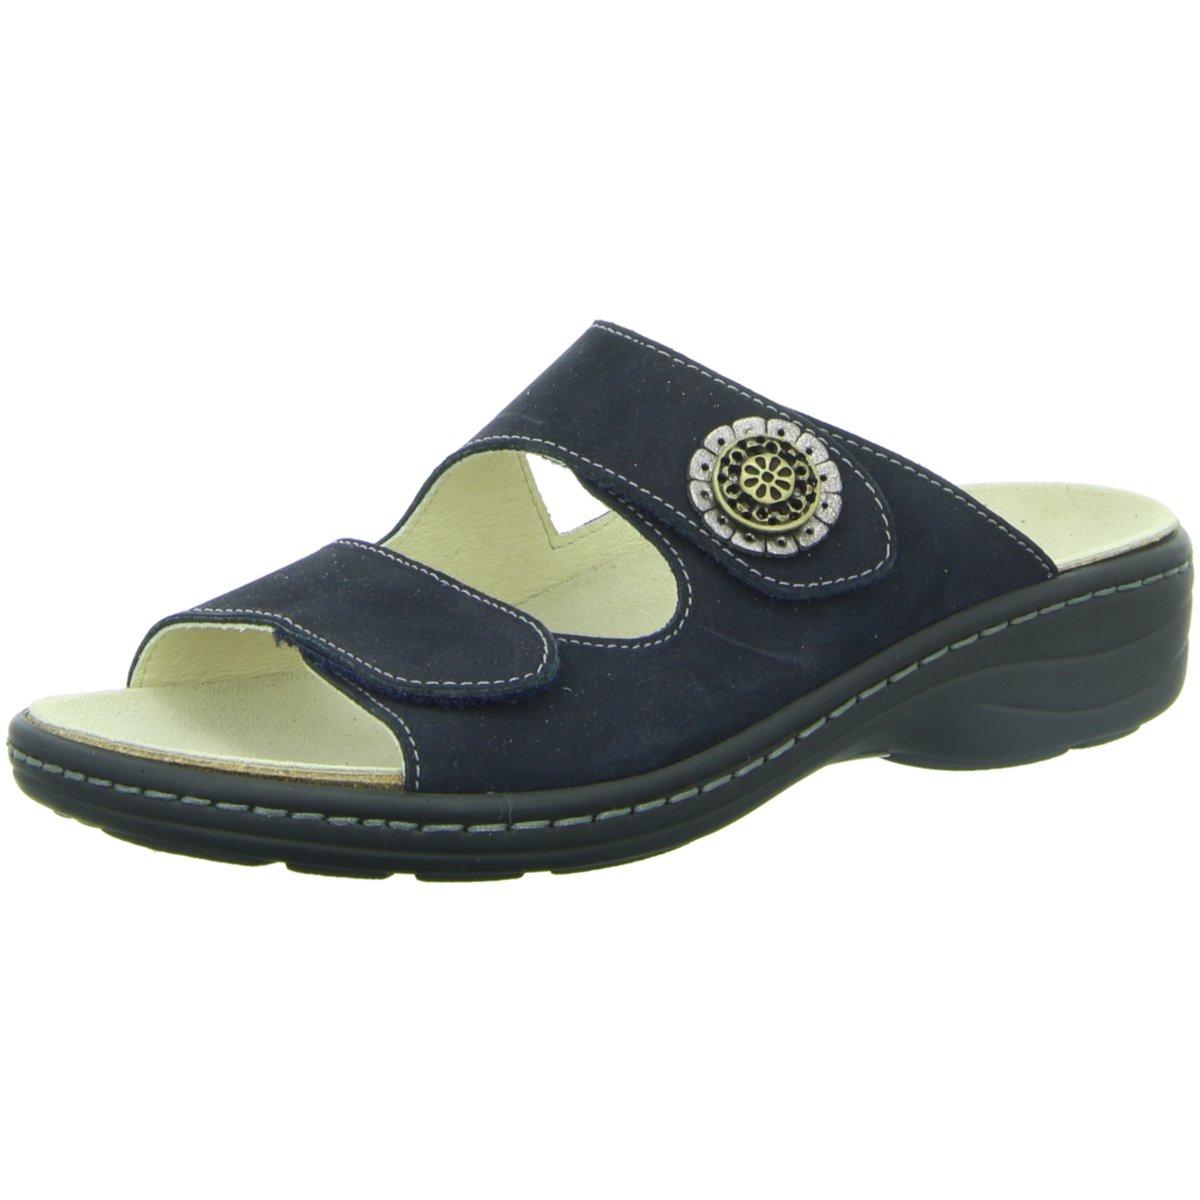 NEU Longo Damen Pantoletten Pantoletten 3074262-5 5 blau 202077